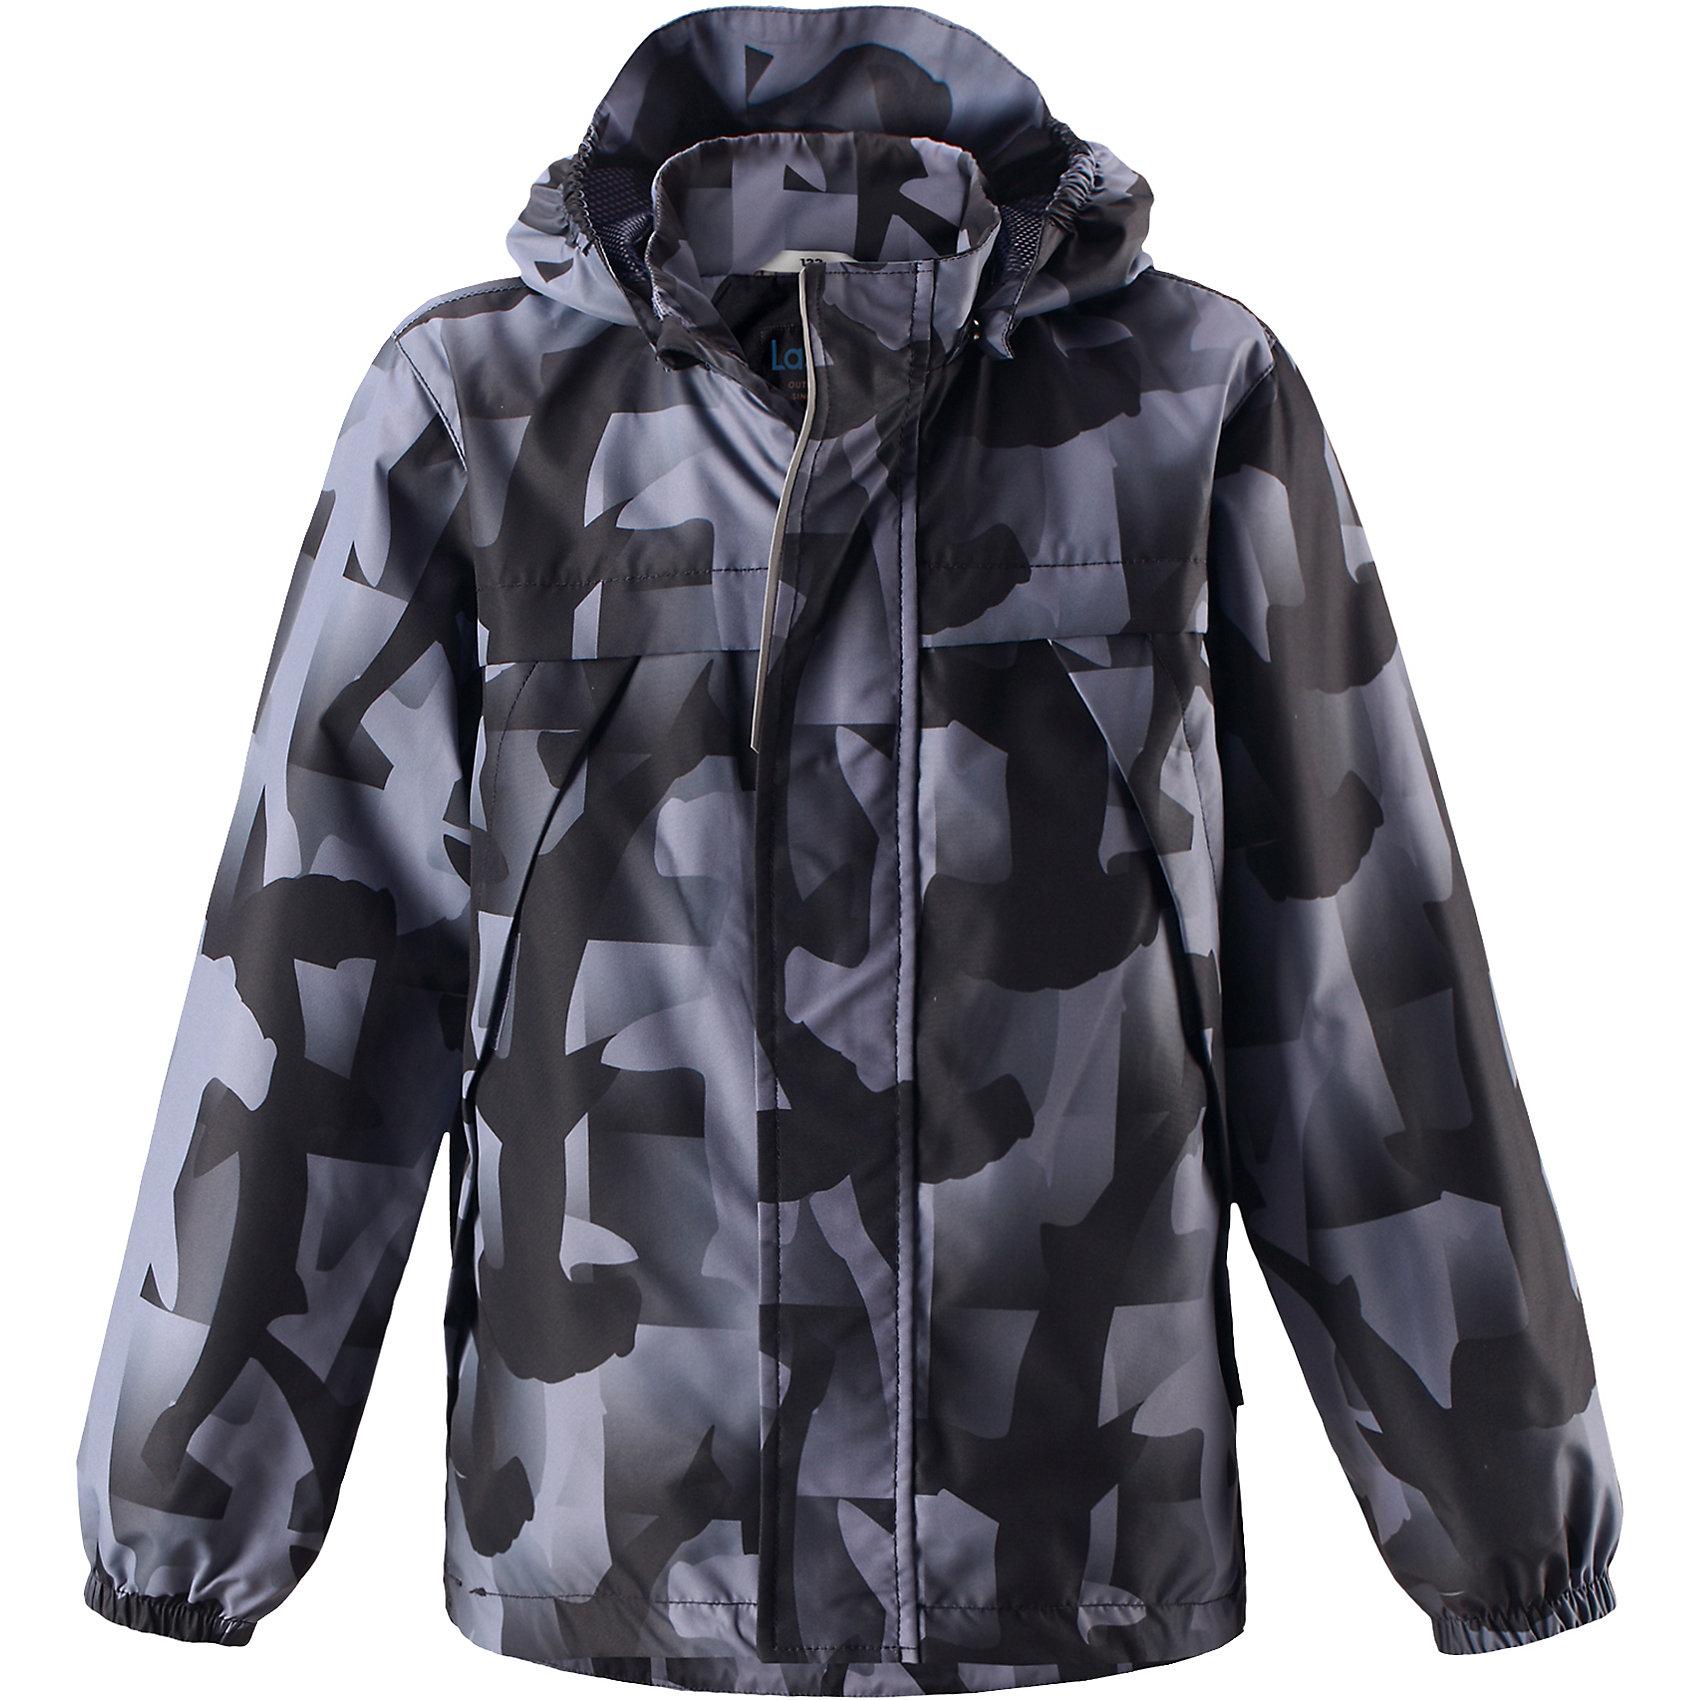 Куртка для мальчика LASSIEОдежда<br>Характеристики товара:<br><br>Легкая и удобная куртка для мальчиков на весенне-осенний период. Она изготовлена из водоотталкивающего и ветронепроницаемого, но при этом дышащего материала. Куртка снабжена дышащей и приятной на ощупь сетчатой подкладкой, которая облегчает одевание. Съемный капюшон обеспечивает защиту от холодного ветра, а также безопасен во время игр на свежем воздухе! Благодаря регулируемому подолу эта модель свободного покроя отлично сидит по фигуре. Снабжена множеством продуманных элементов, например, передними карманами и эластичными манжетами. Выбирайте свой вариант из новых восхитительных морских рисунков или однотонных расцветок. <br><br>Состав: 100% Полиэстер, полиуретановое покрытие<br><br>Уход:<br>Стирать по отдельности, вывернув наизнанку.Застегнуть молнии и липучки.Соблюдать температуру в соответствии с руководством по уходу.Стирать моющим средством, не содержащим отбеливающие вещества.Полоскать без специального средства.Сушение в сушильном шкафу разрешено при низкой температуре.<br><br>Ширина мм: 356<br>Глубина мм: 10<br>Высота мм: 245<br>Вес г: 519<br>Цвет: черный<br>Возраст от месяцев: 108<br>Возраст до месяцев: 120<br>Пол: Мужской<br>Возраст: Детский<br>Размер: 128,110,116,98,134,104,92,140,122<br>SKU: 5264475